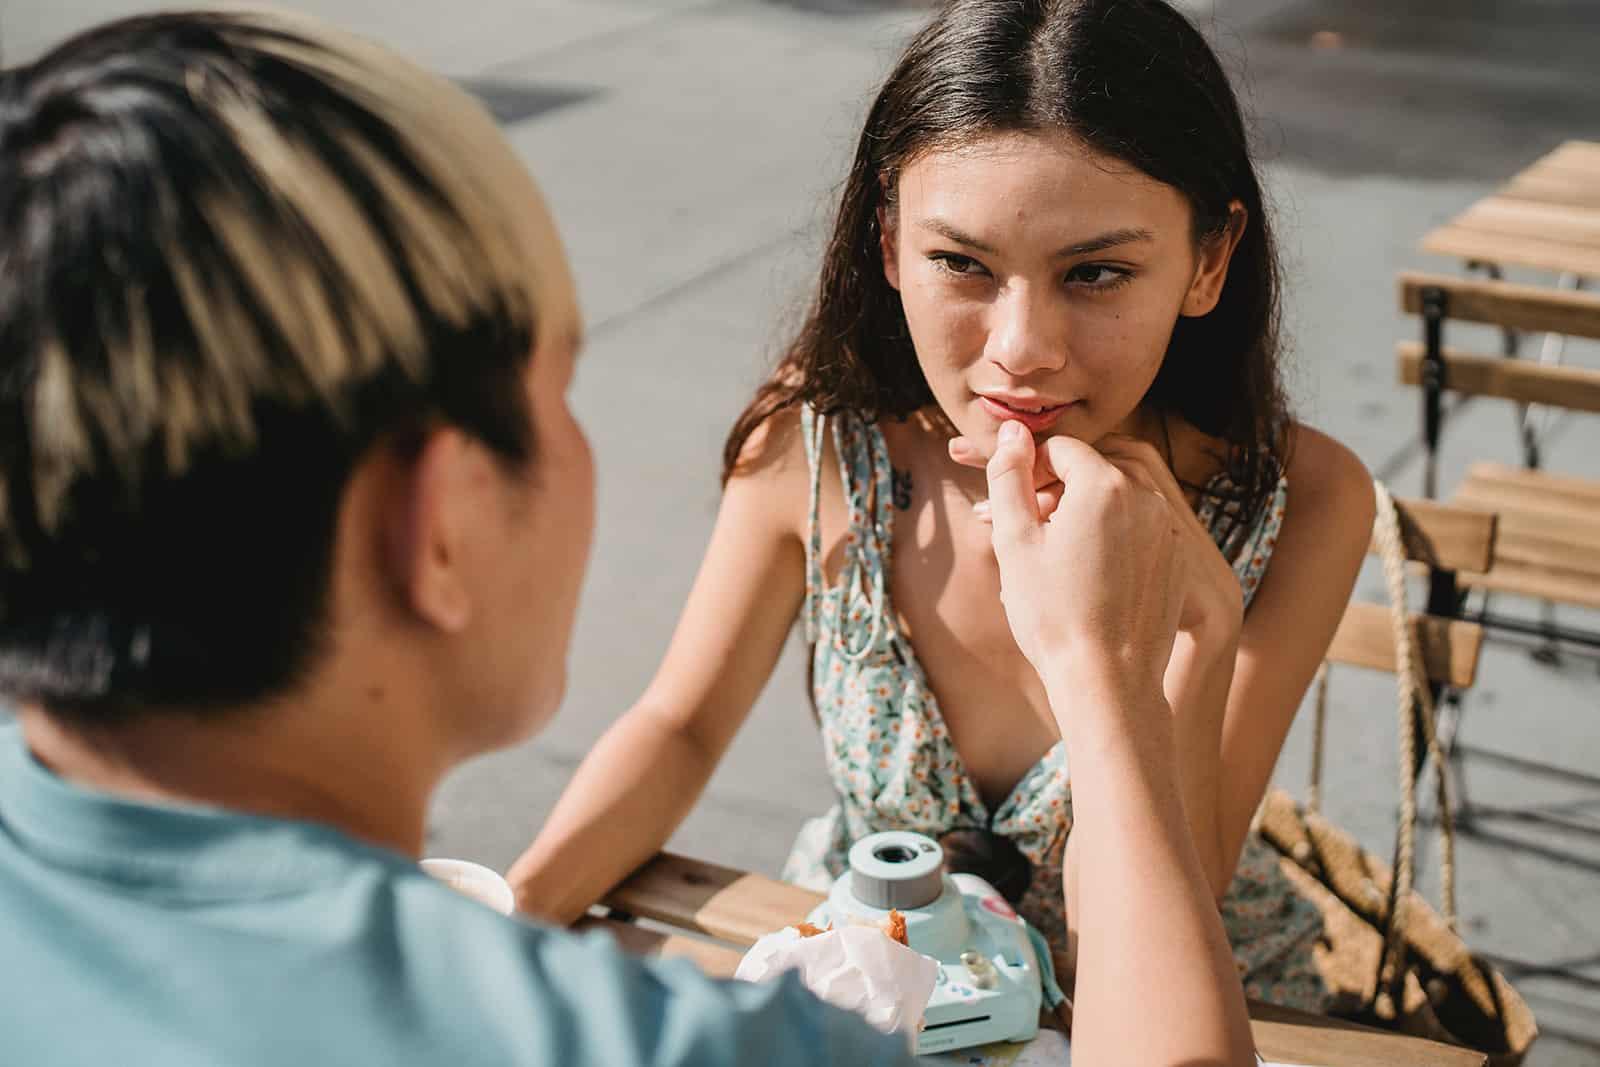 eine Frau, die einen Mann betrachtet, der ihre Lippen berührt, während sie zusammen am Tisch draußen sitzen